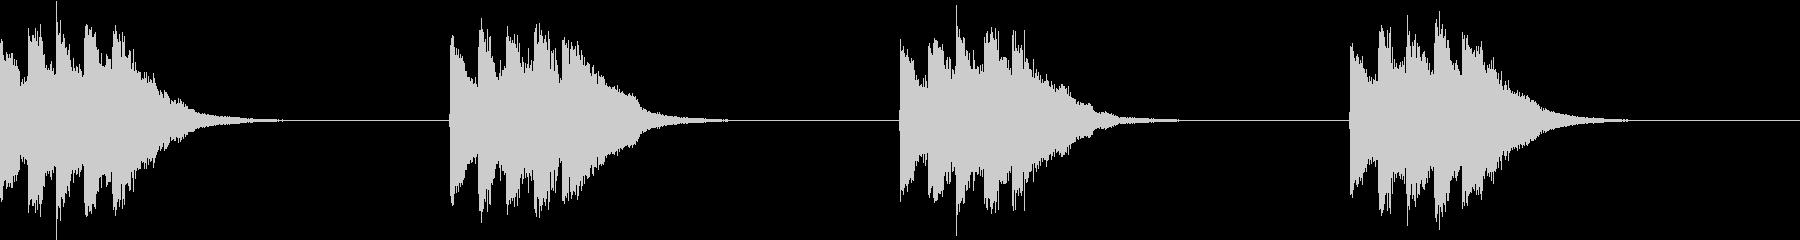 シンプル ベル 着信音 チャイム A13の未再生の波形